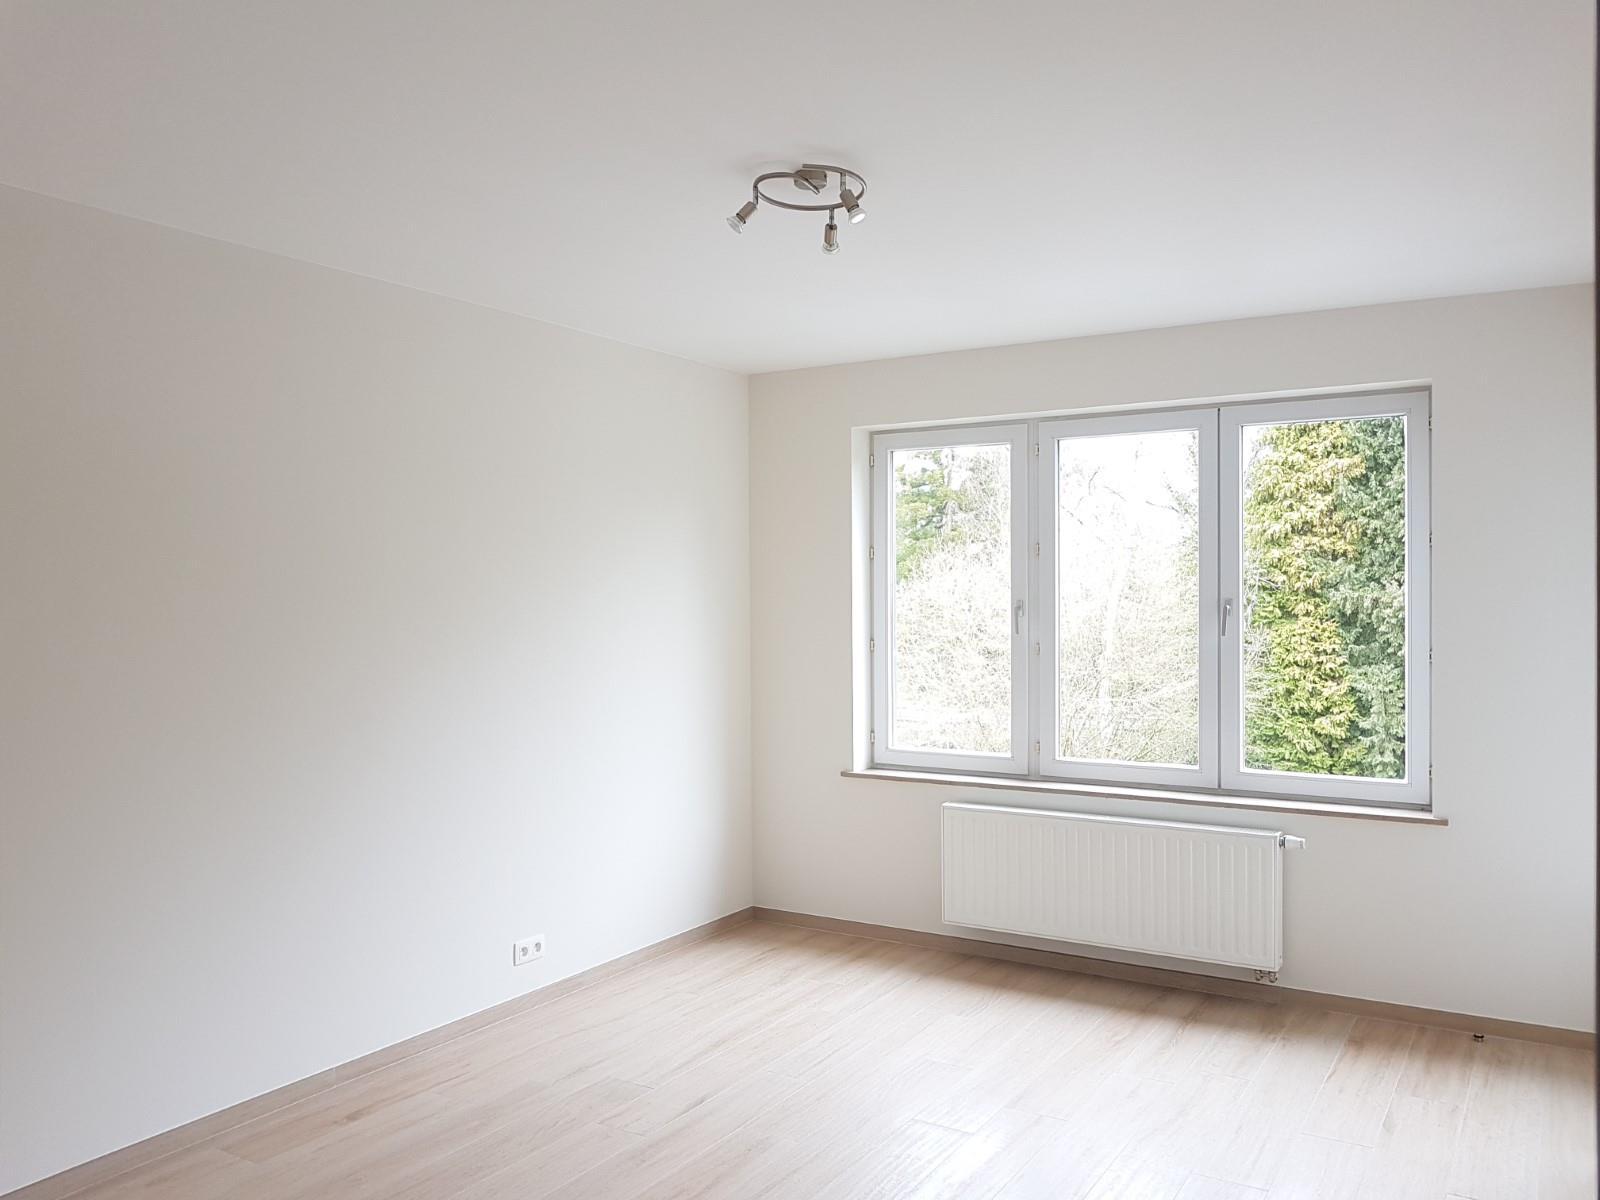 Appartement exceptionnel - Rhode-Saint-Genèse - #3704483-16